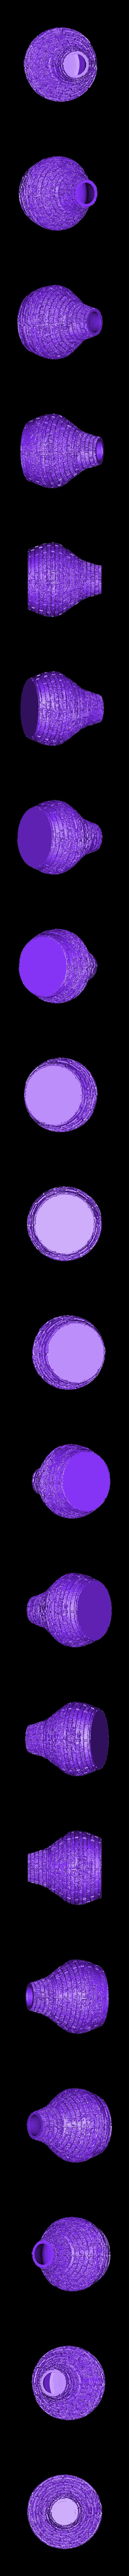 vase pierre9.stl Télécharger fichier STL X86 Mini vase collection  • Objet imprimable en 3D, motek